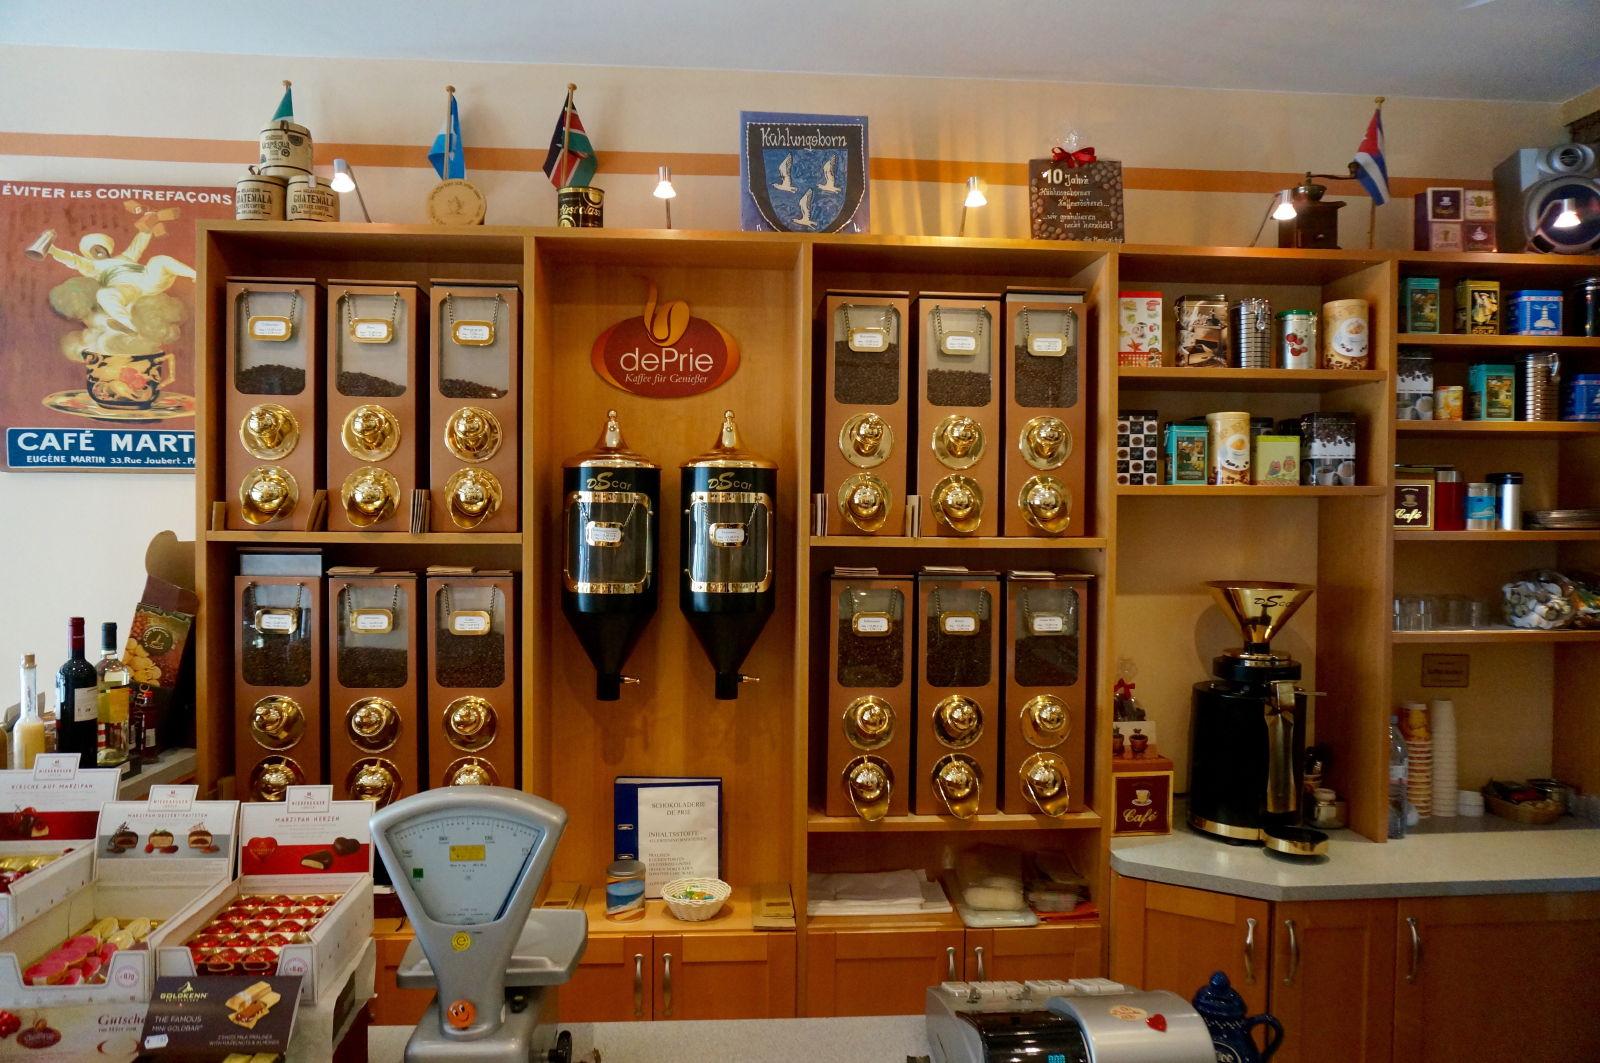 Frischer Kaffee und Espresso bei dePrie in Kühlungsborn